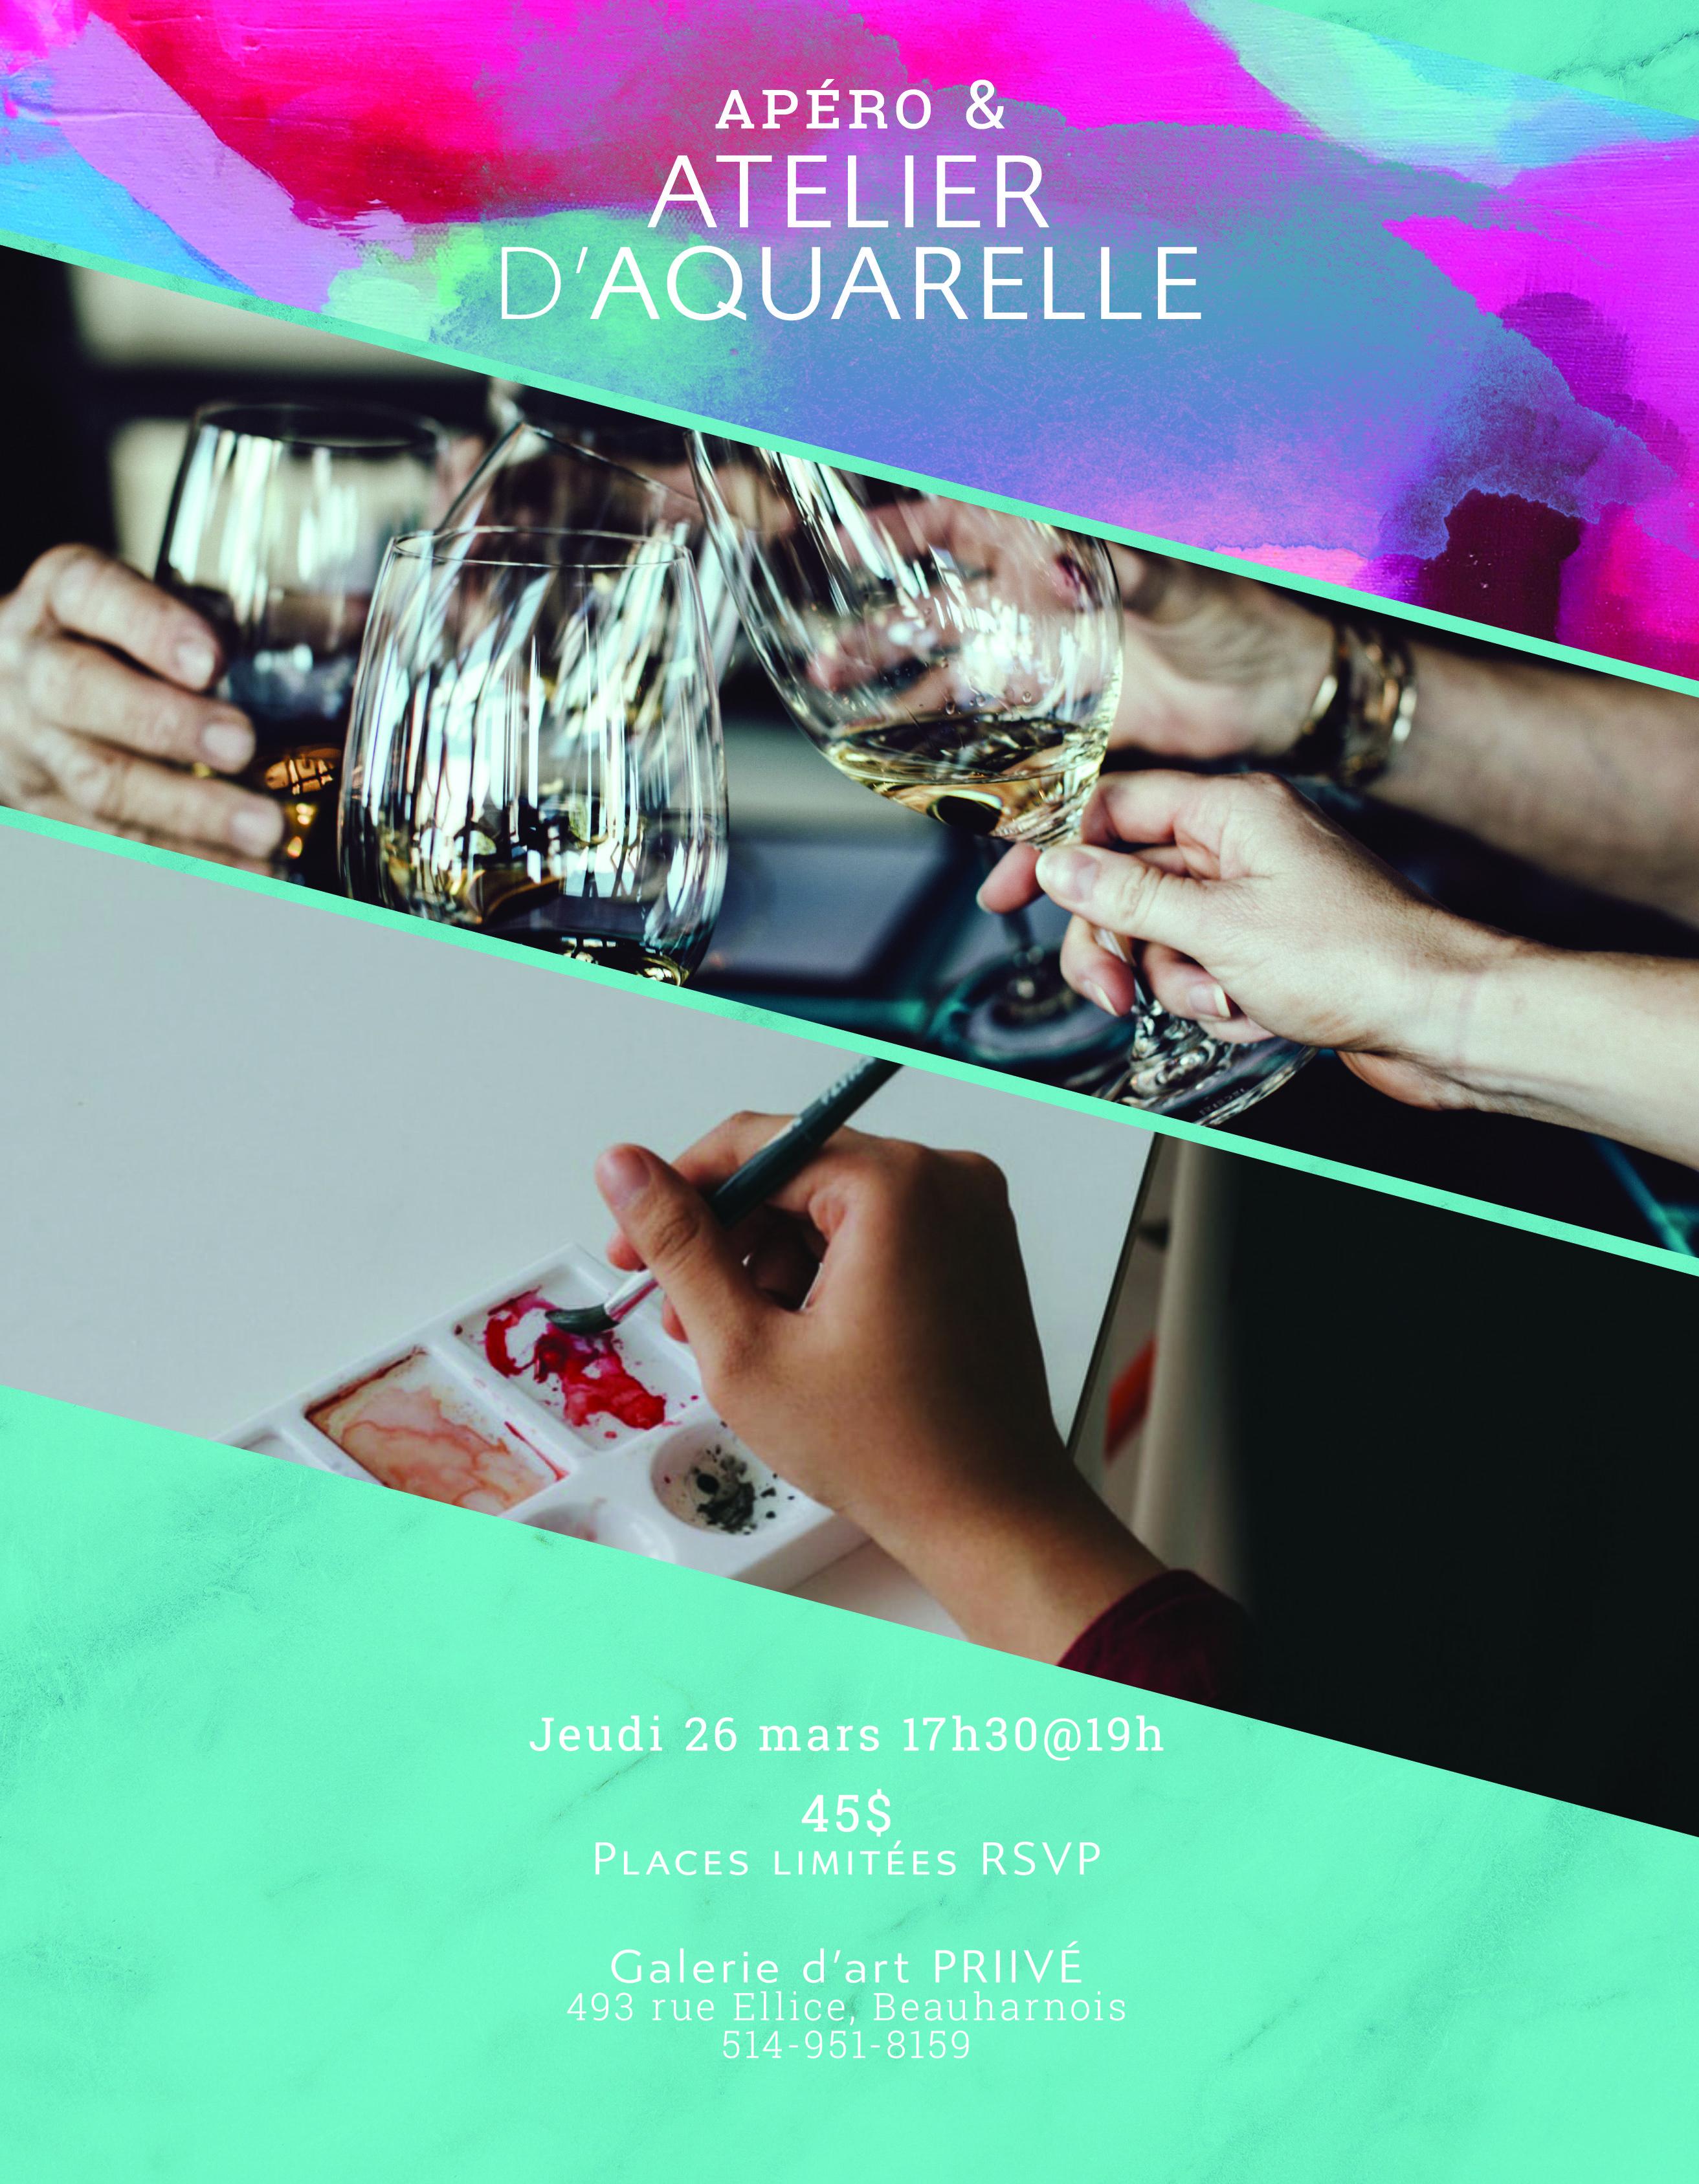 (REMIS) Apéro & Atelier d'aquarelle a la galerie d'art PRIIVÉ